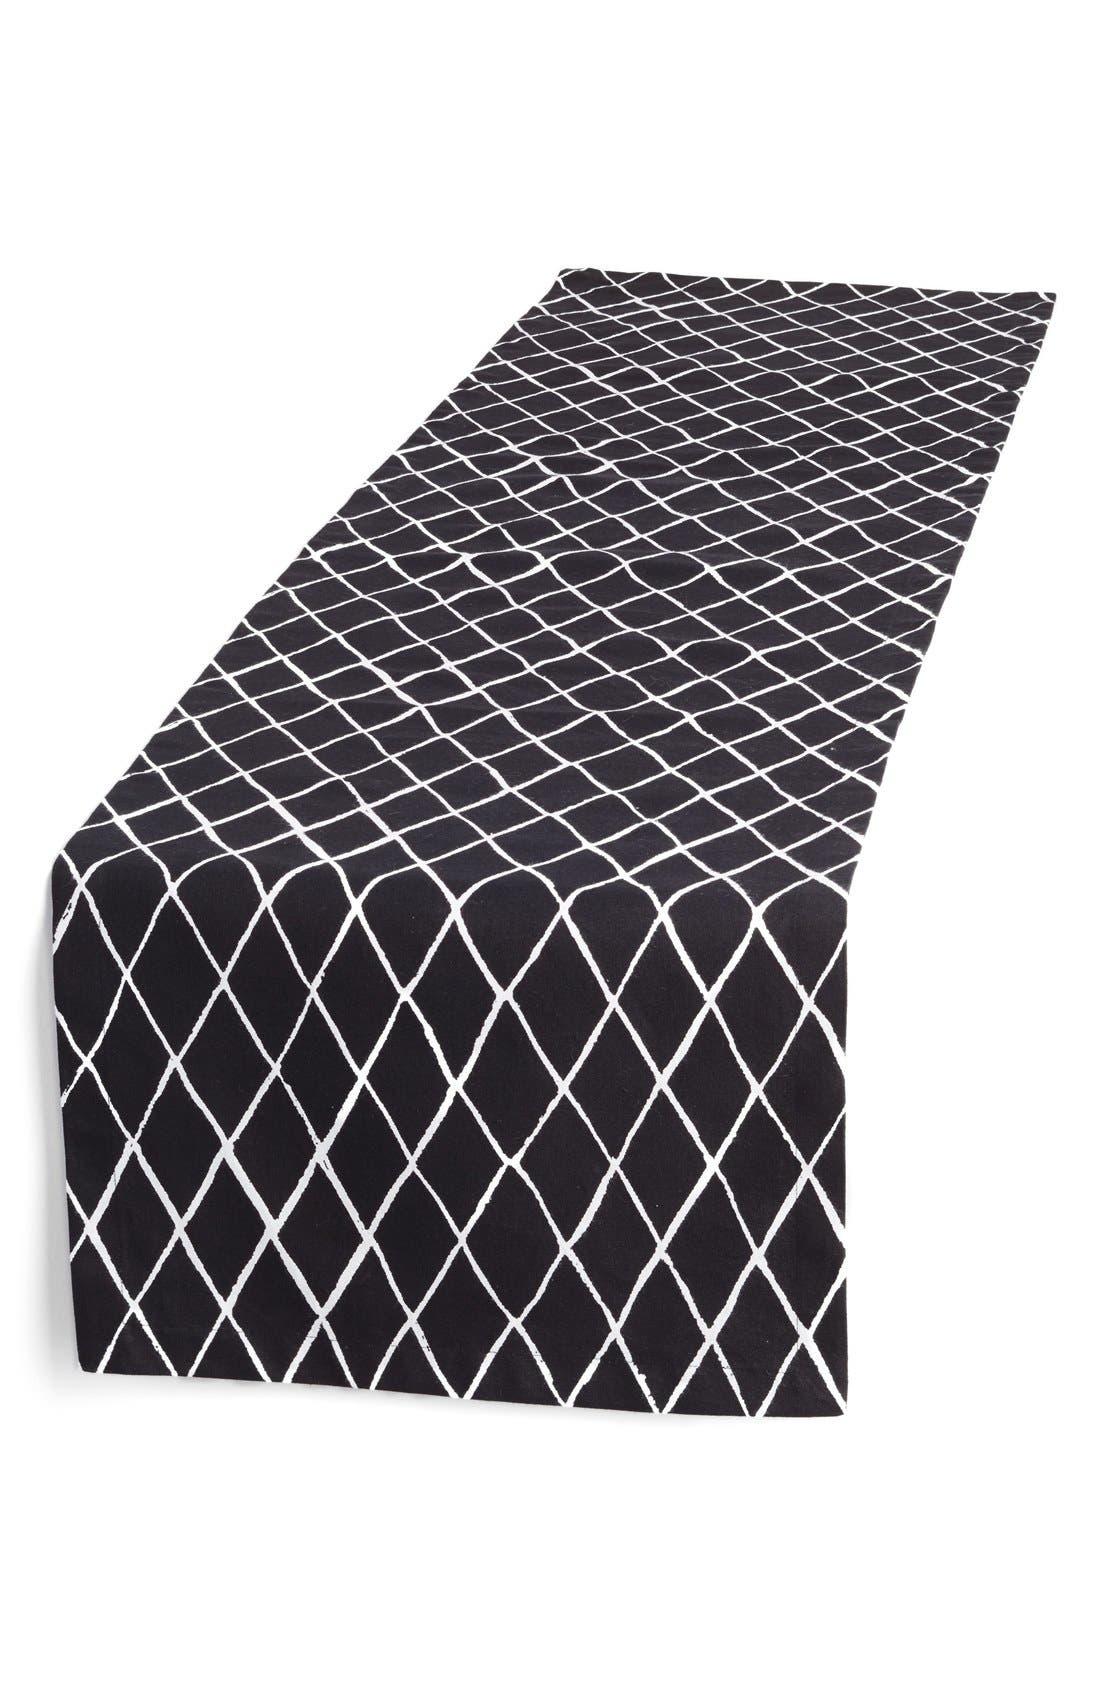 Alternate Image 1 Selected - Minted Crisscross Table Runner